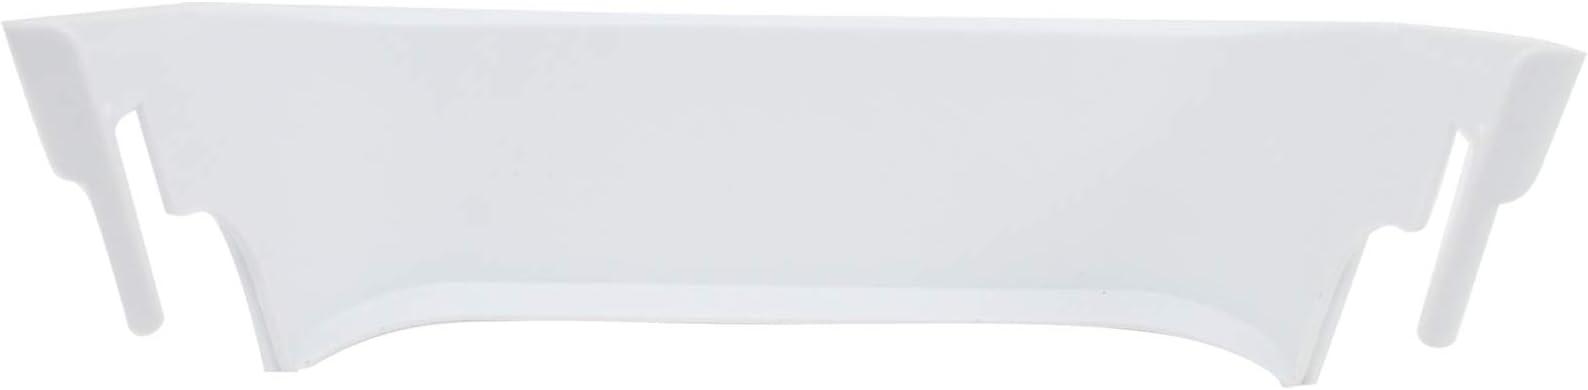 240351601 Refrigerator Freezer Door Bin Side Shelf Replacement for Frigidaire FRS6R4EBD Refrigerator UpStart Components Brand Compatible with 240351601 Door Bin